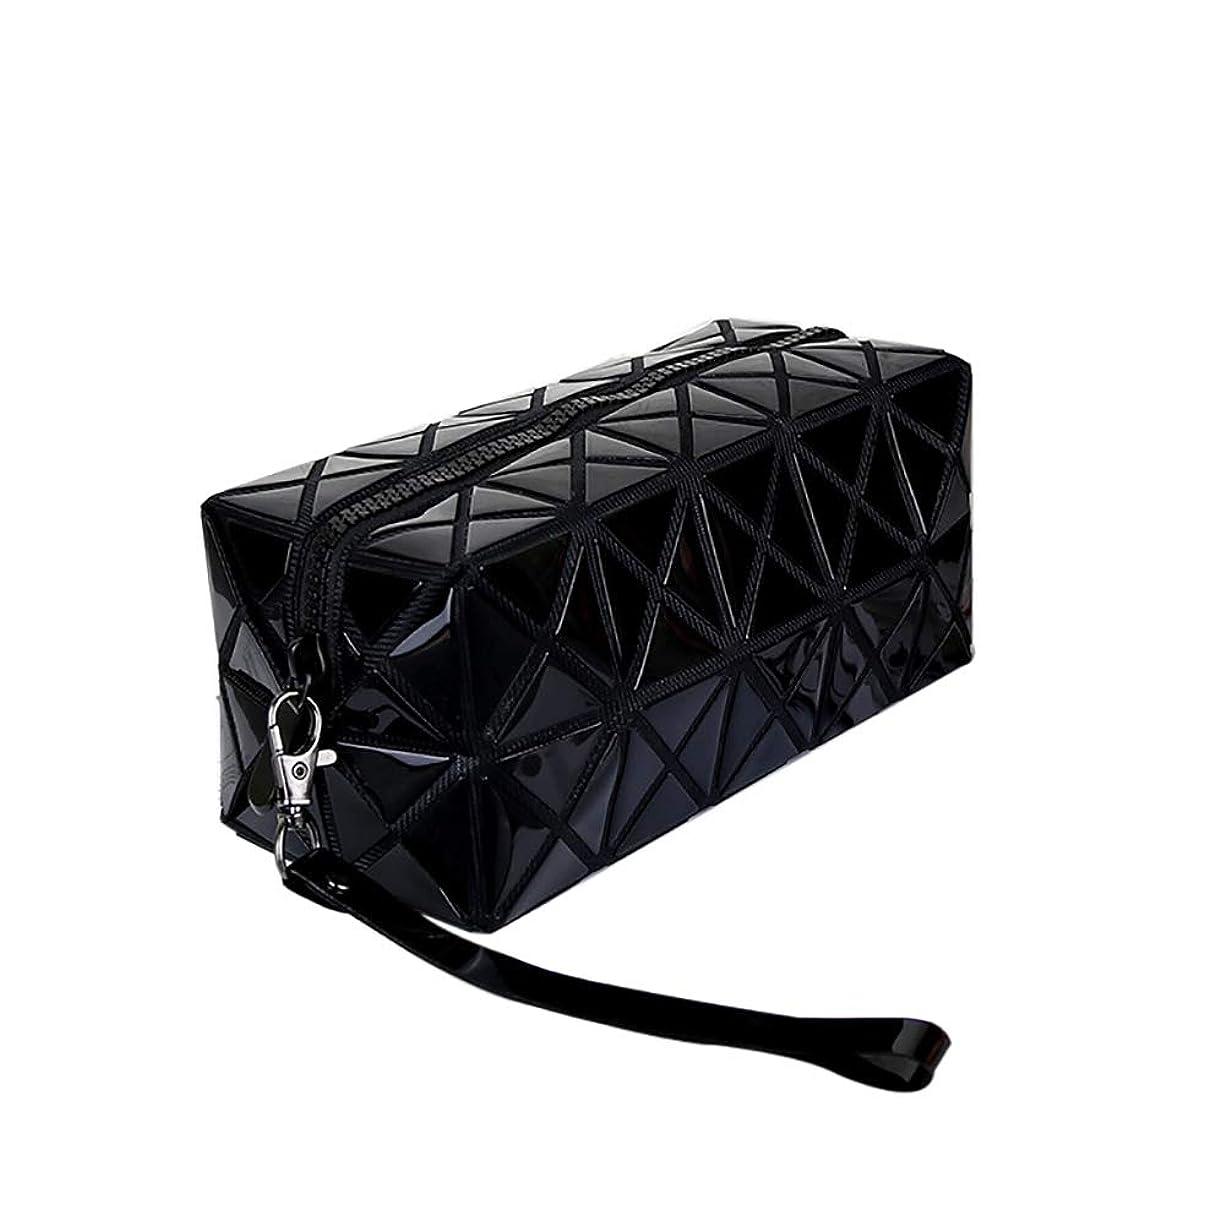 おびえたトイレ分析的なホログラフィック幾何学的なダイヤモンドの市松模様の化粧品のバッグは、財布ridescent電話光沢のハンドバッグの女性の女の子クラッチ(ブラック)